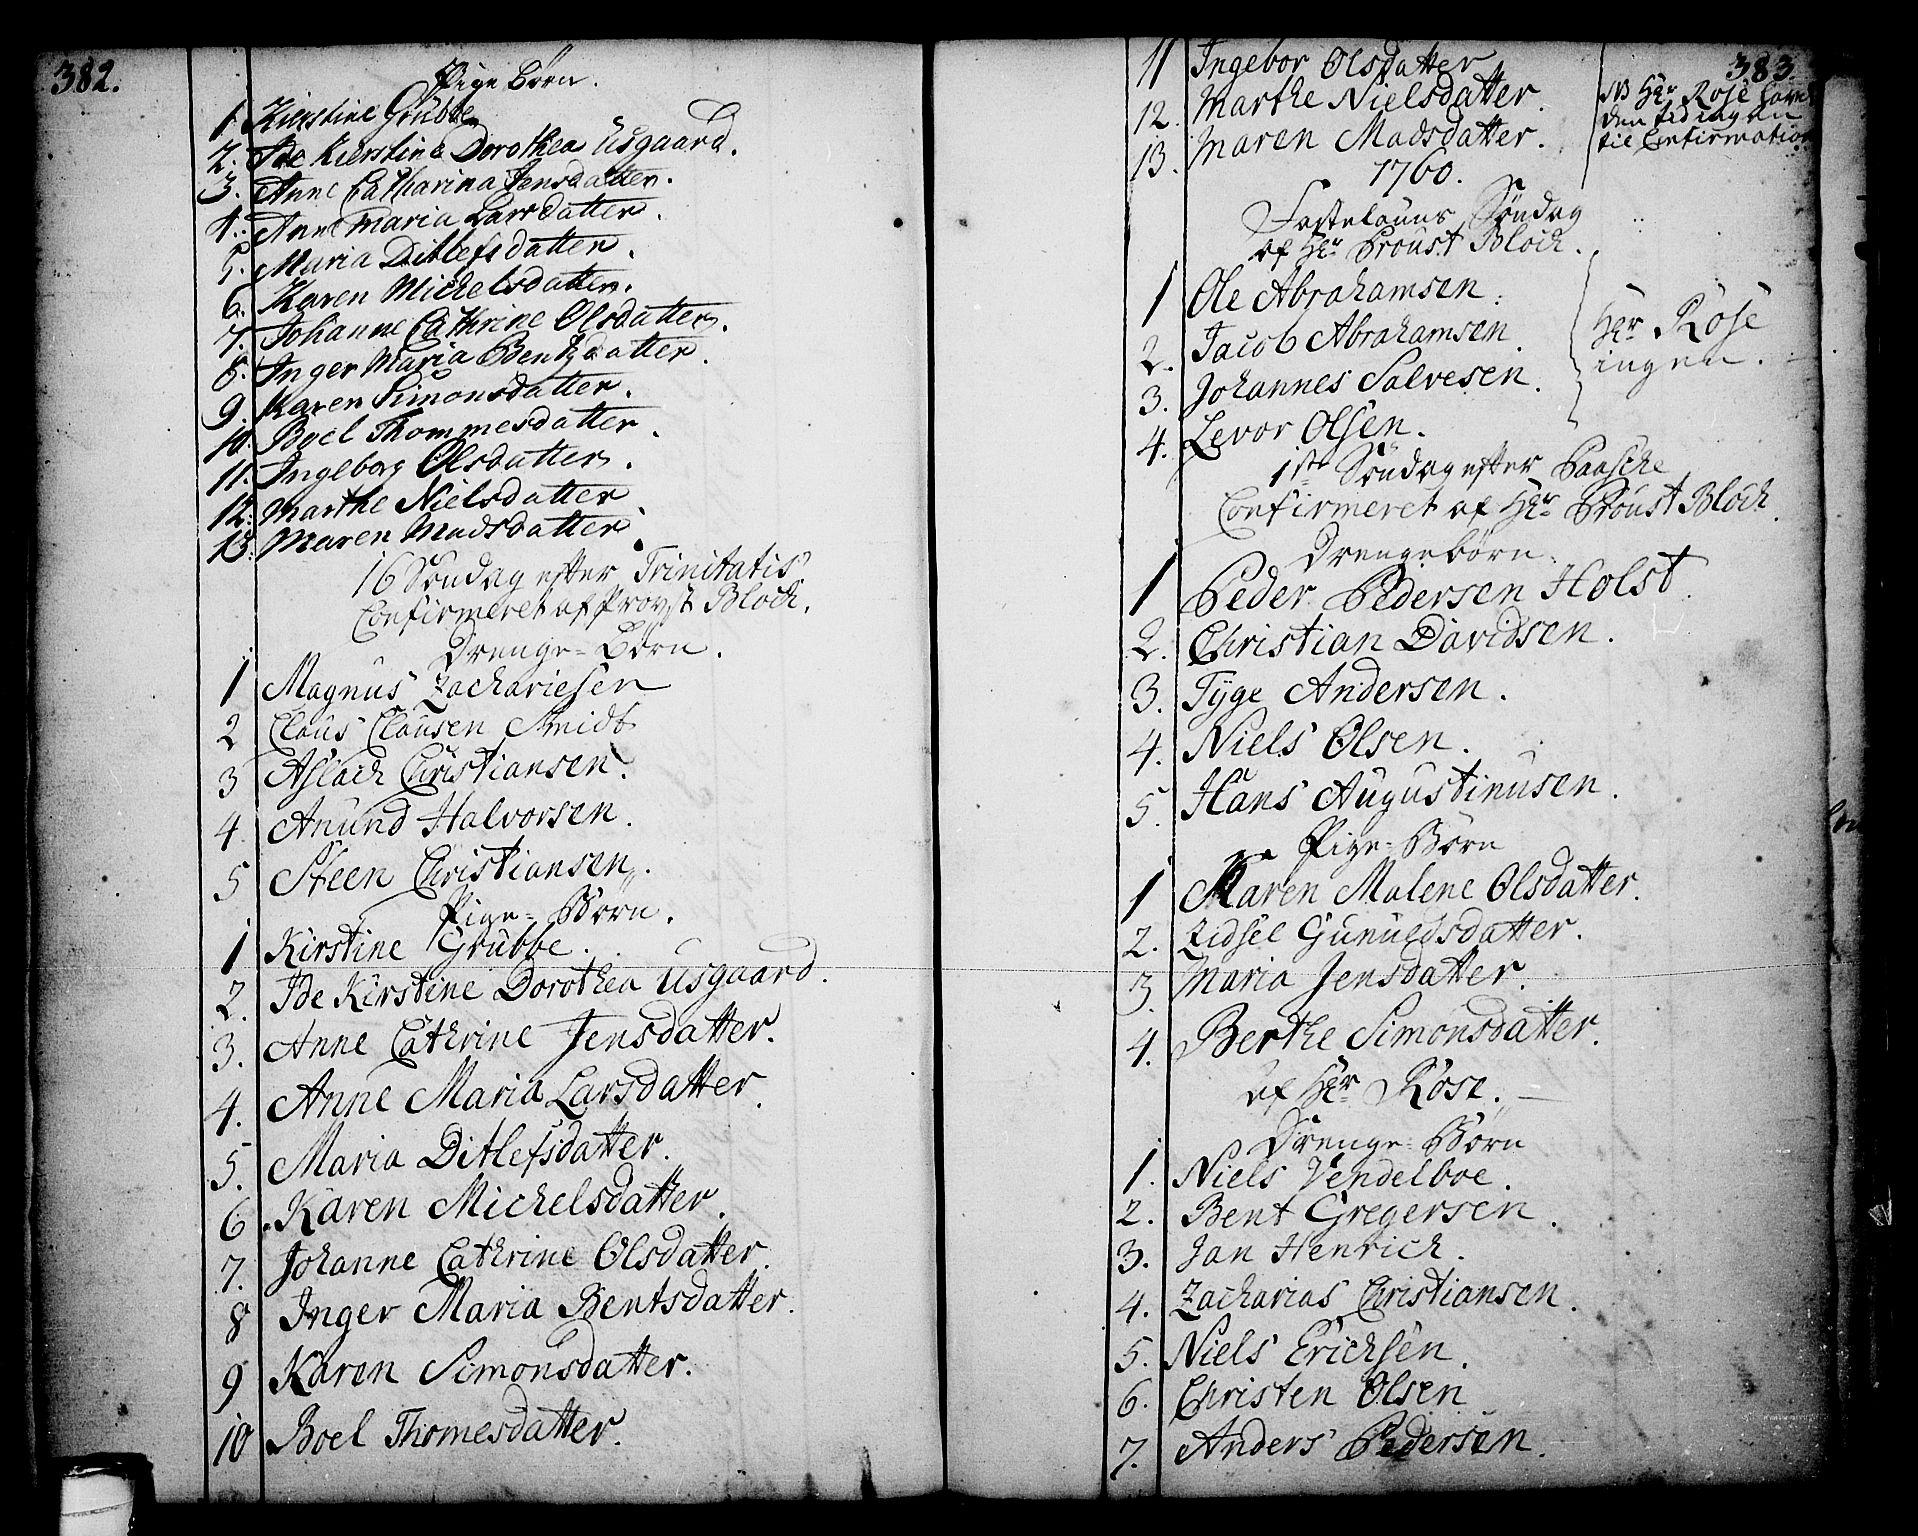 SAKO, Skien kirkebøker, F/Fa/L0003: Ministerialbok nr. 3, 1755-1791, s. 382-383